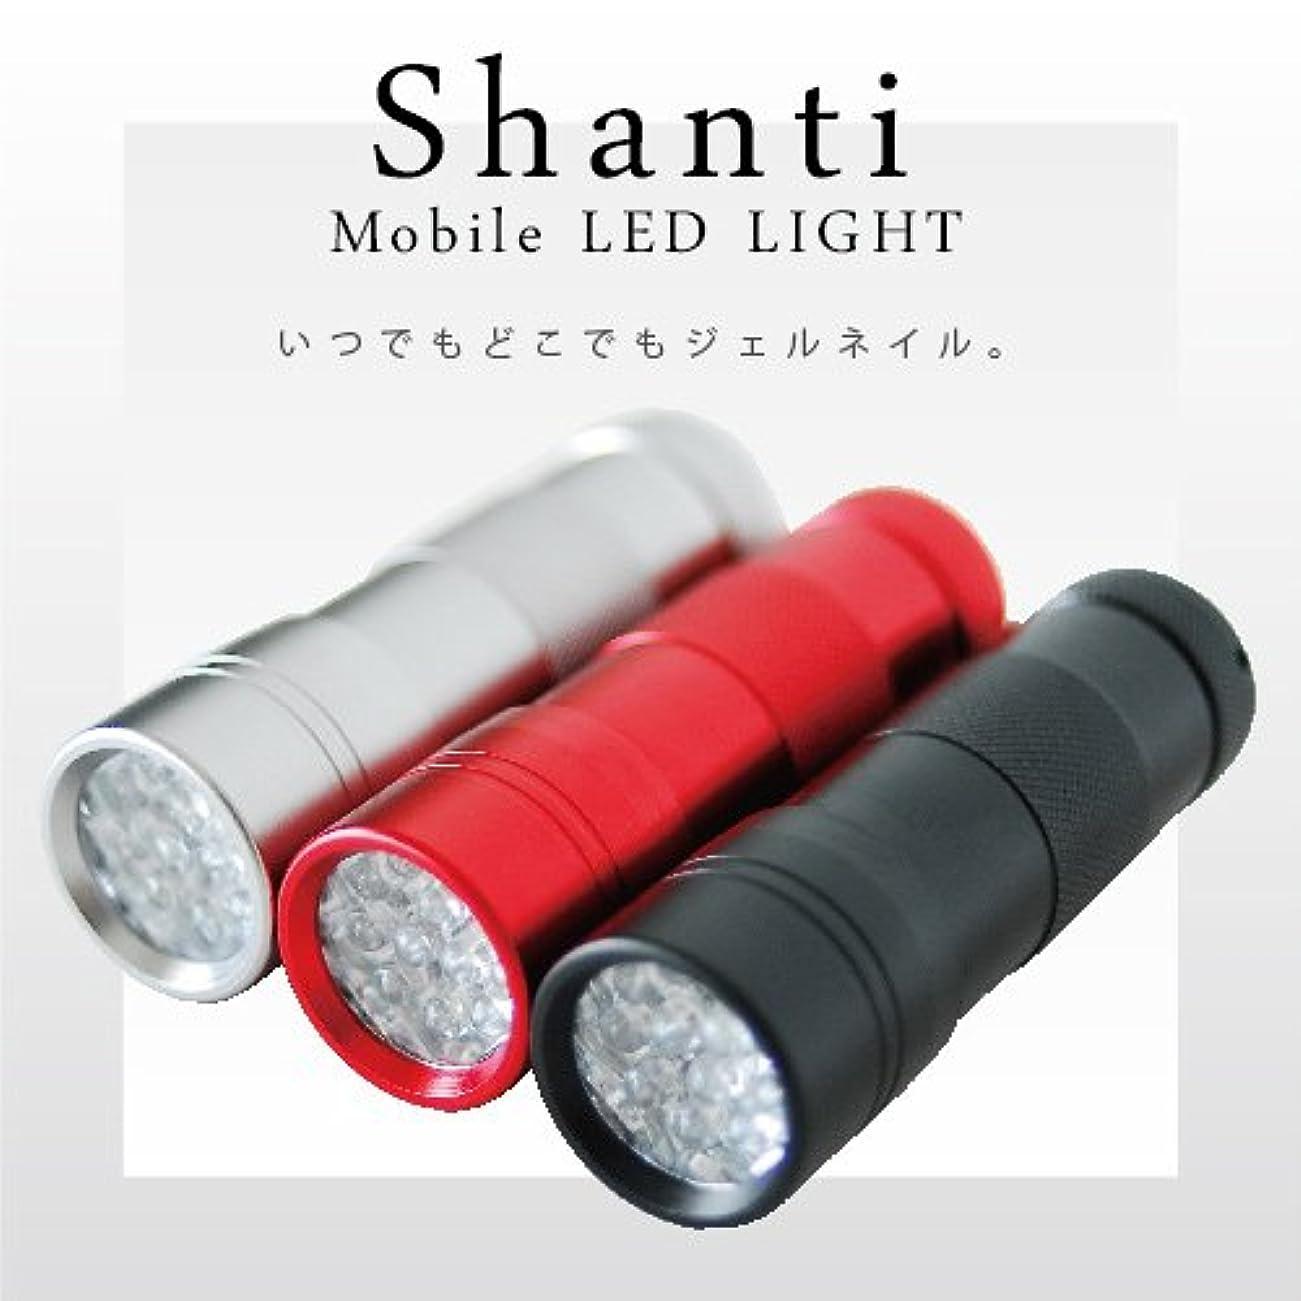 音楽家選択する柔らかさジェルネイル用UVライト ペン型LEDライト Shanti Mobile LED ペン型ポータブルLEDライト カラー:レッド  携帯用ハンドライト